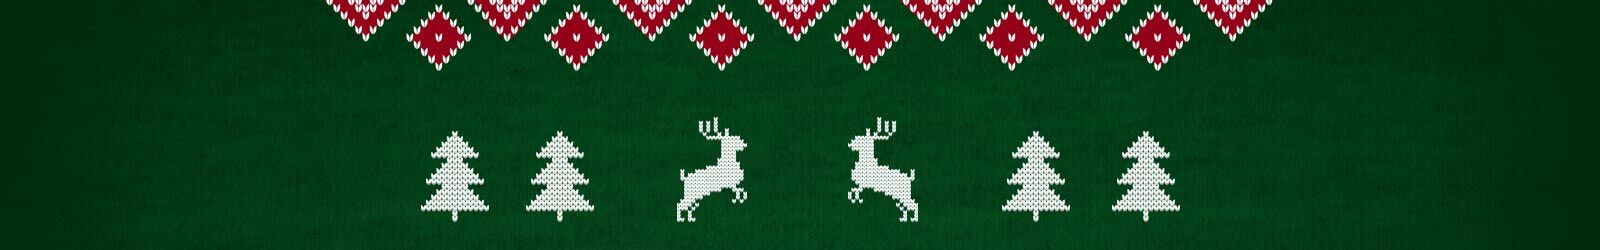 uglychristmas-sweater-1600x250